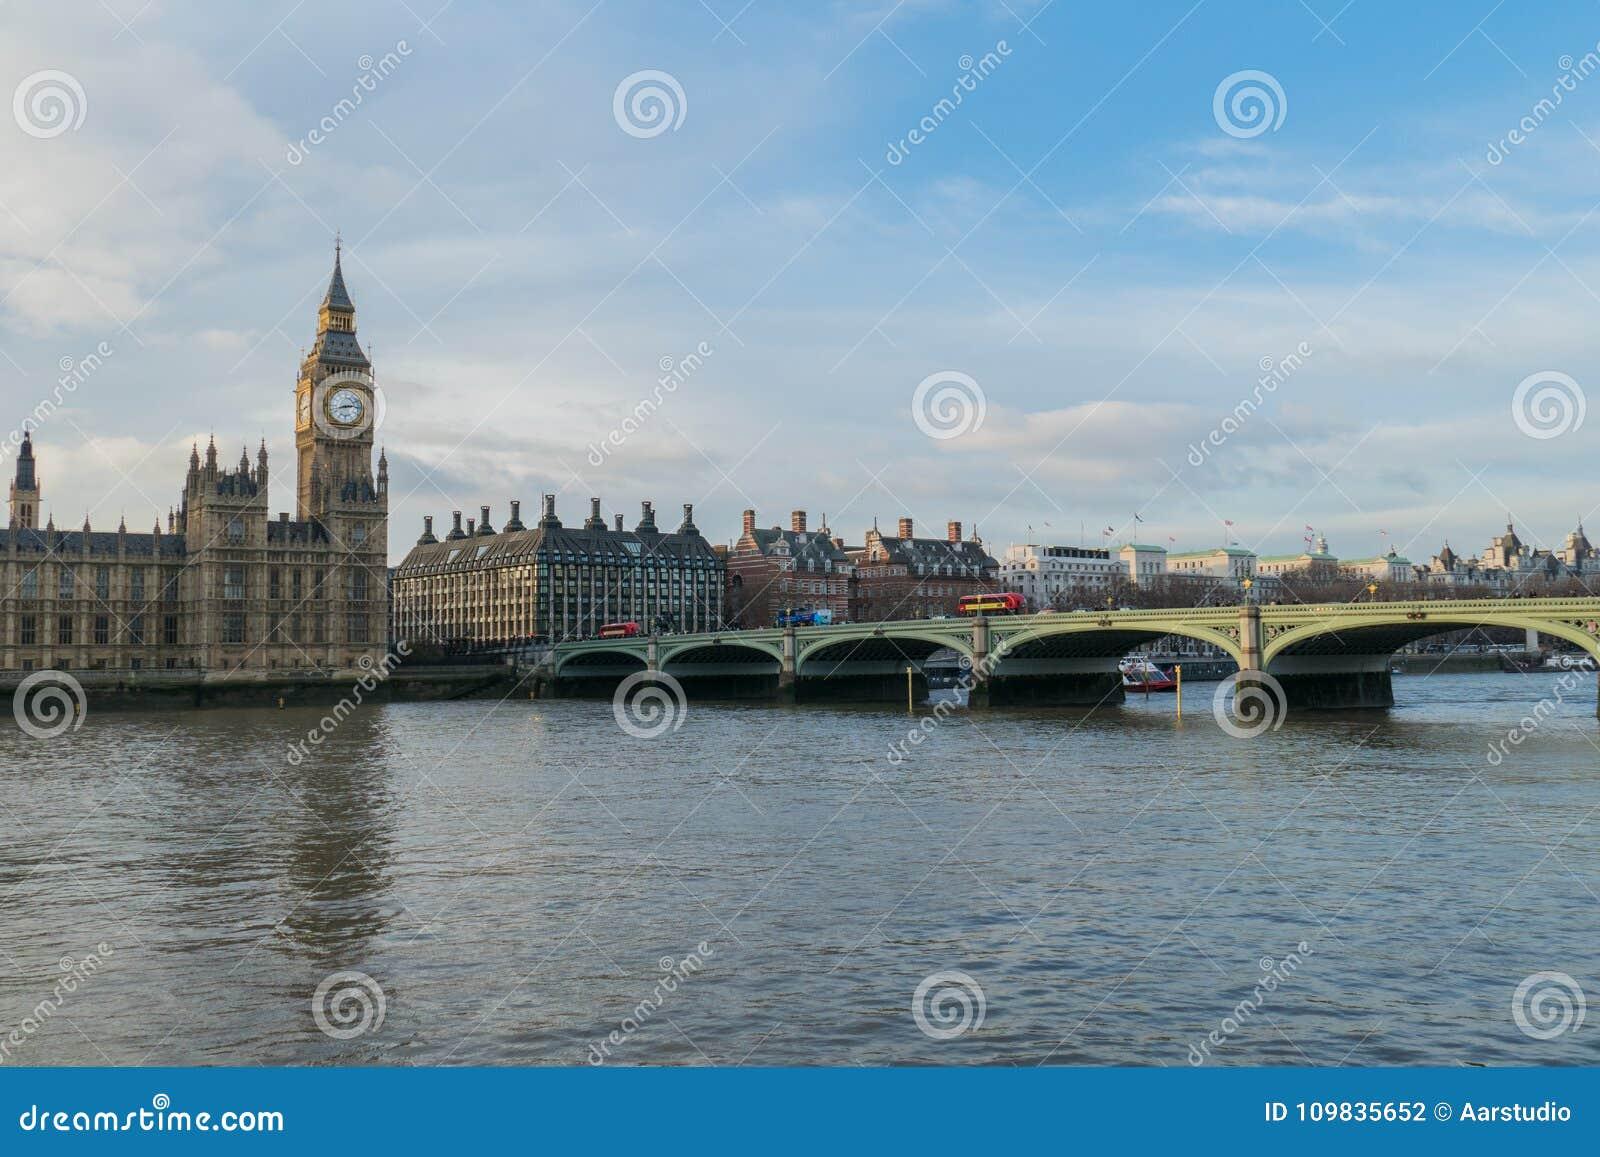 Camere del Parlamento, grande Ben And Westminster Bridge In Londra, Regno Unito